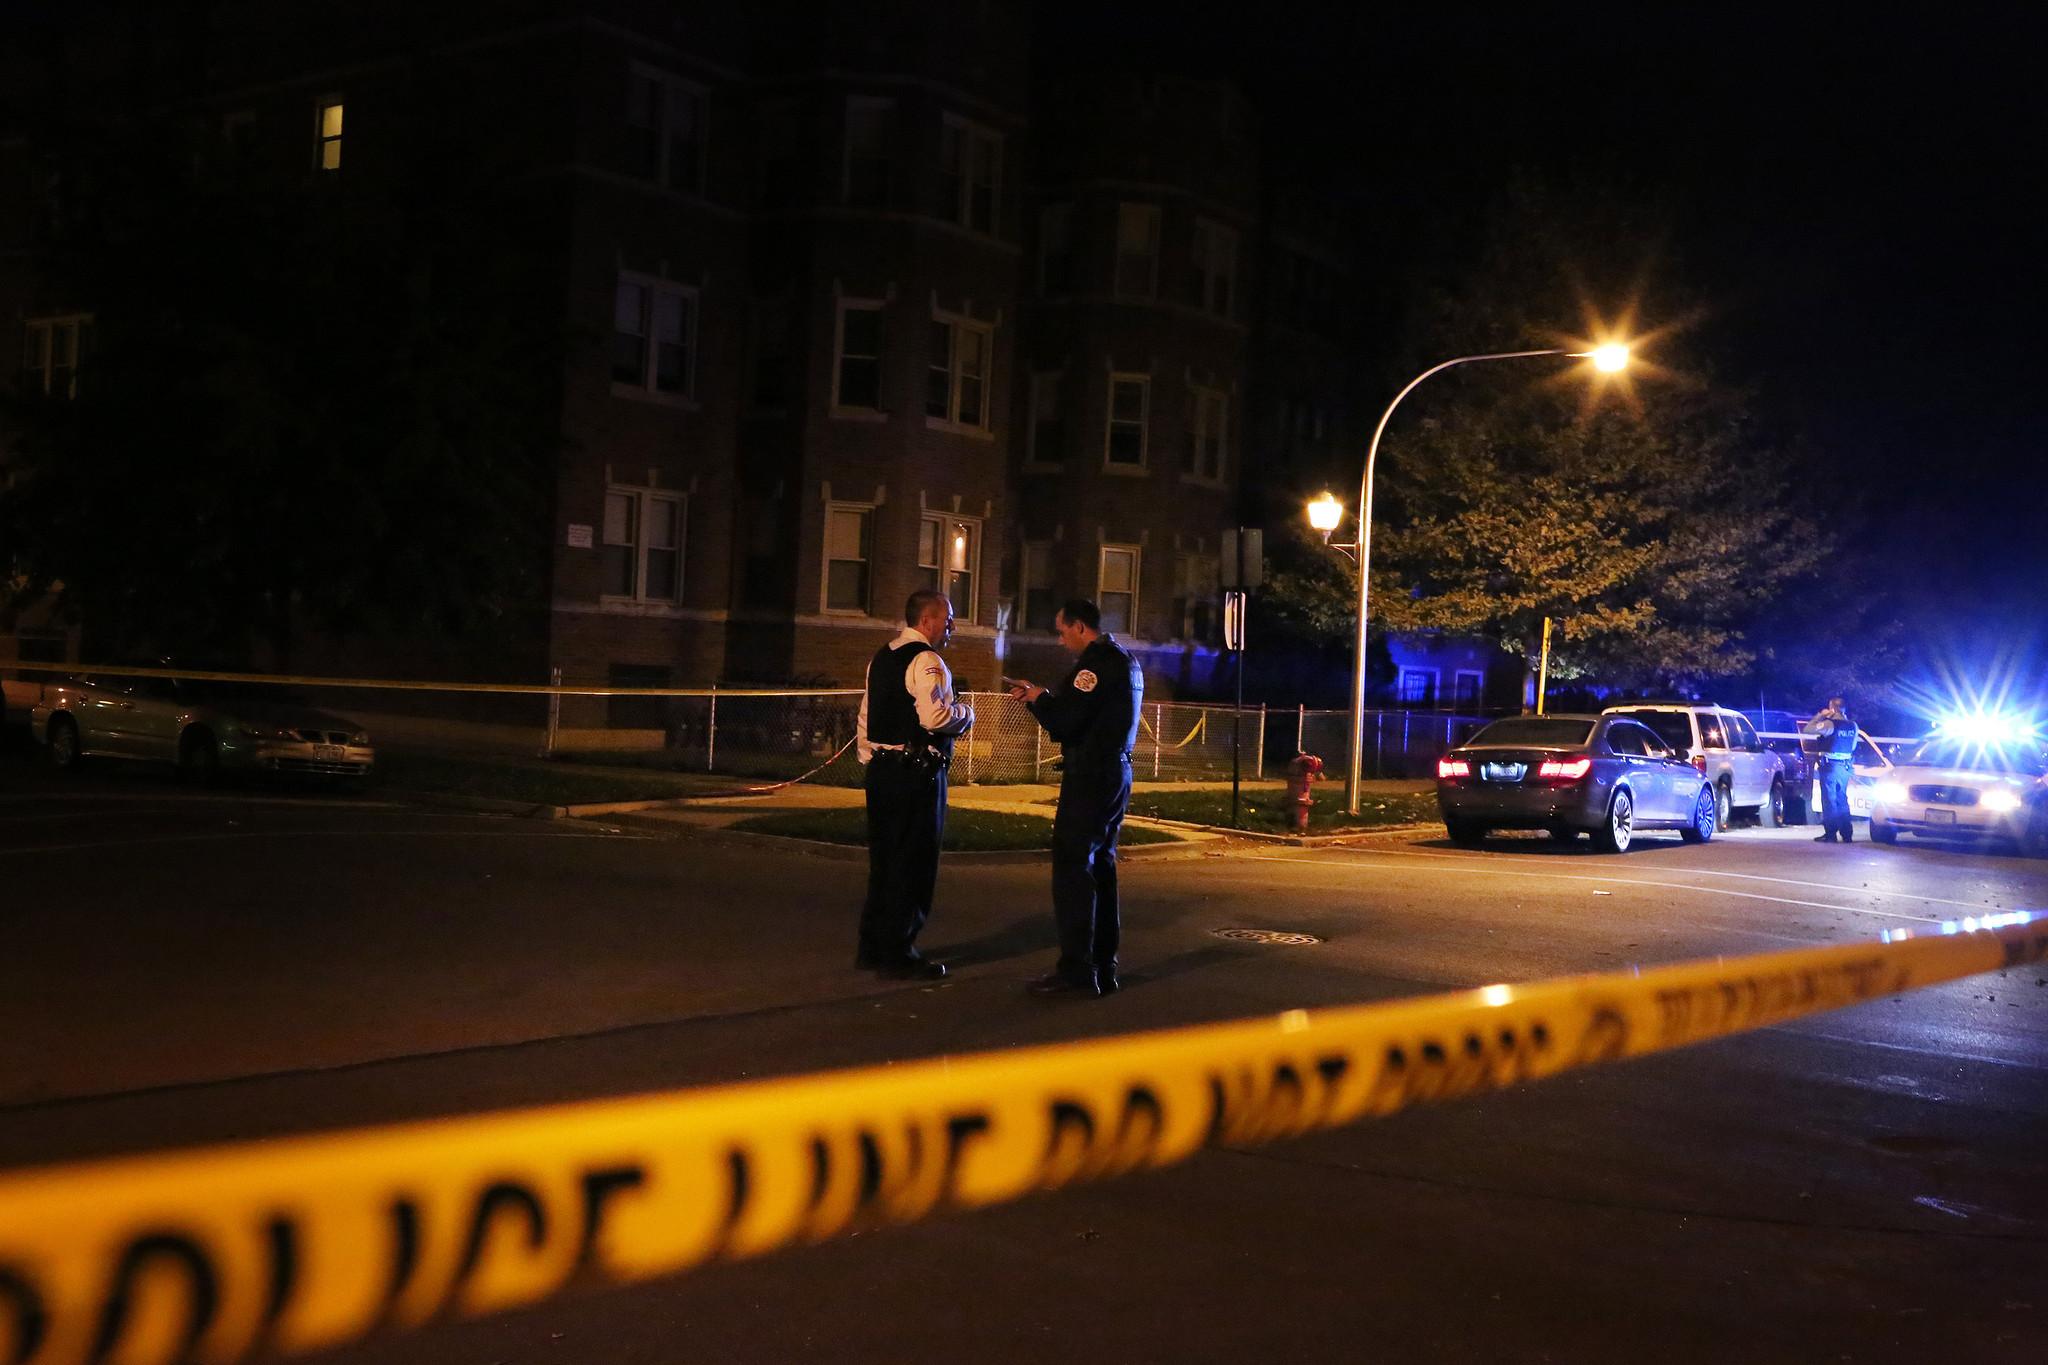 5 hurt in shootings Saturday